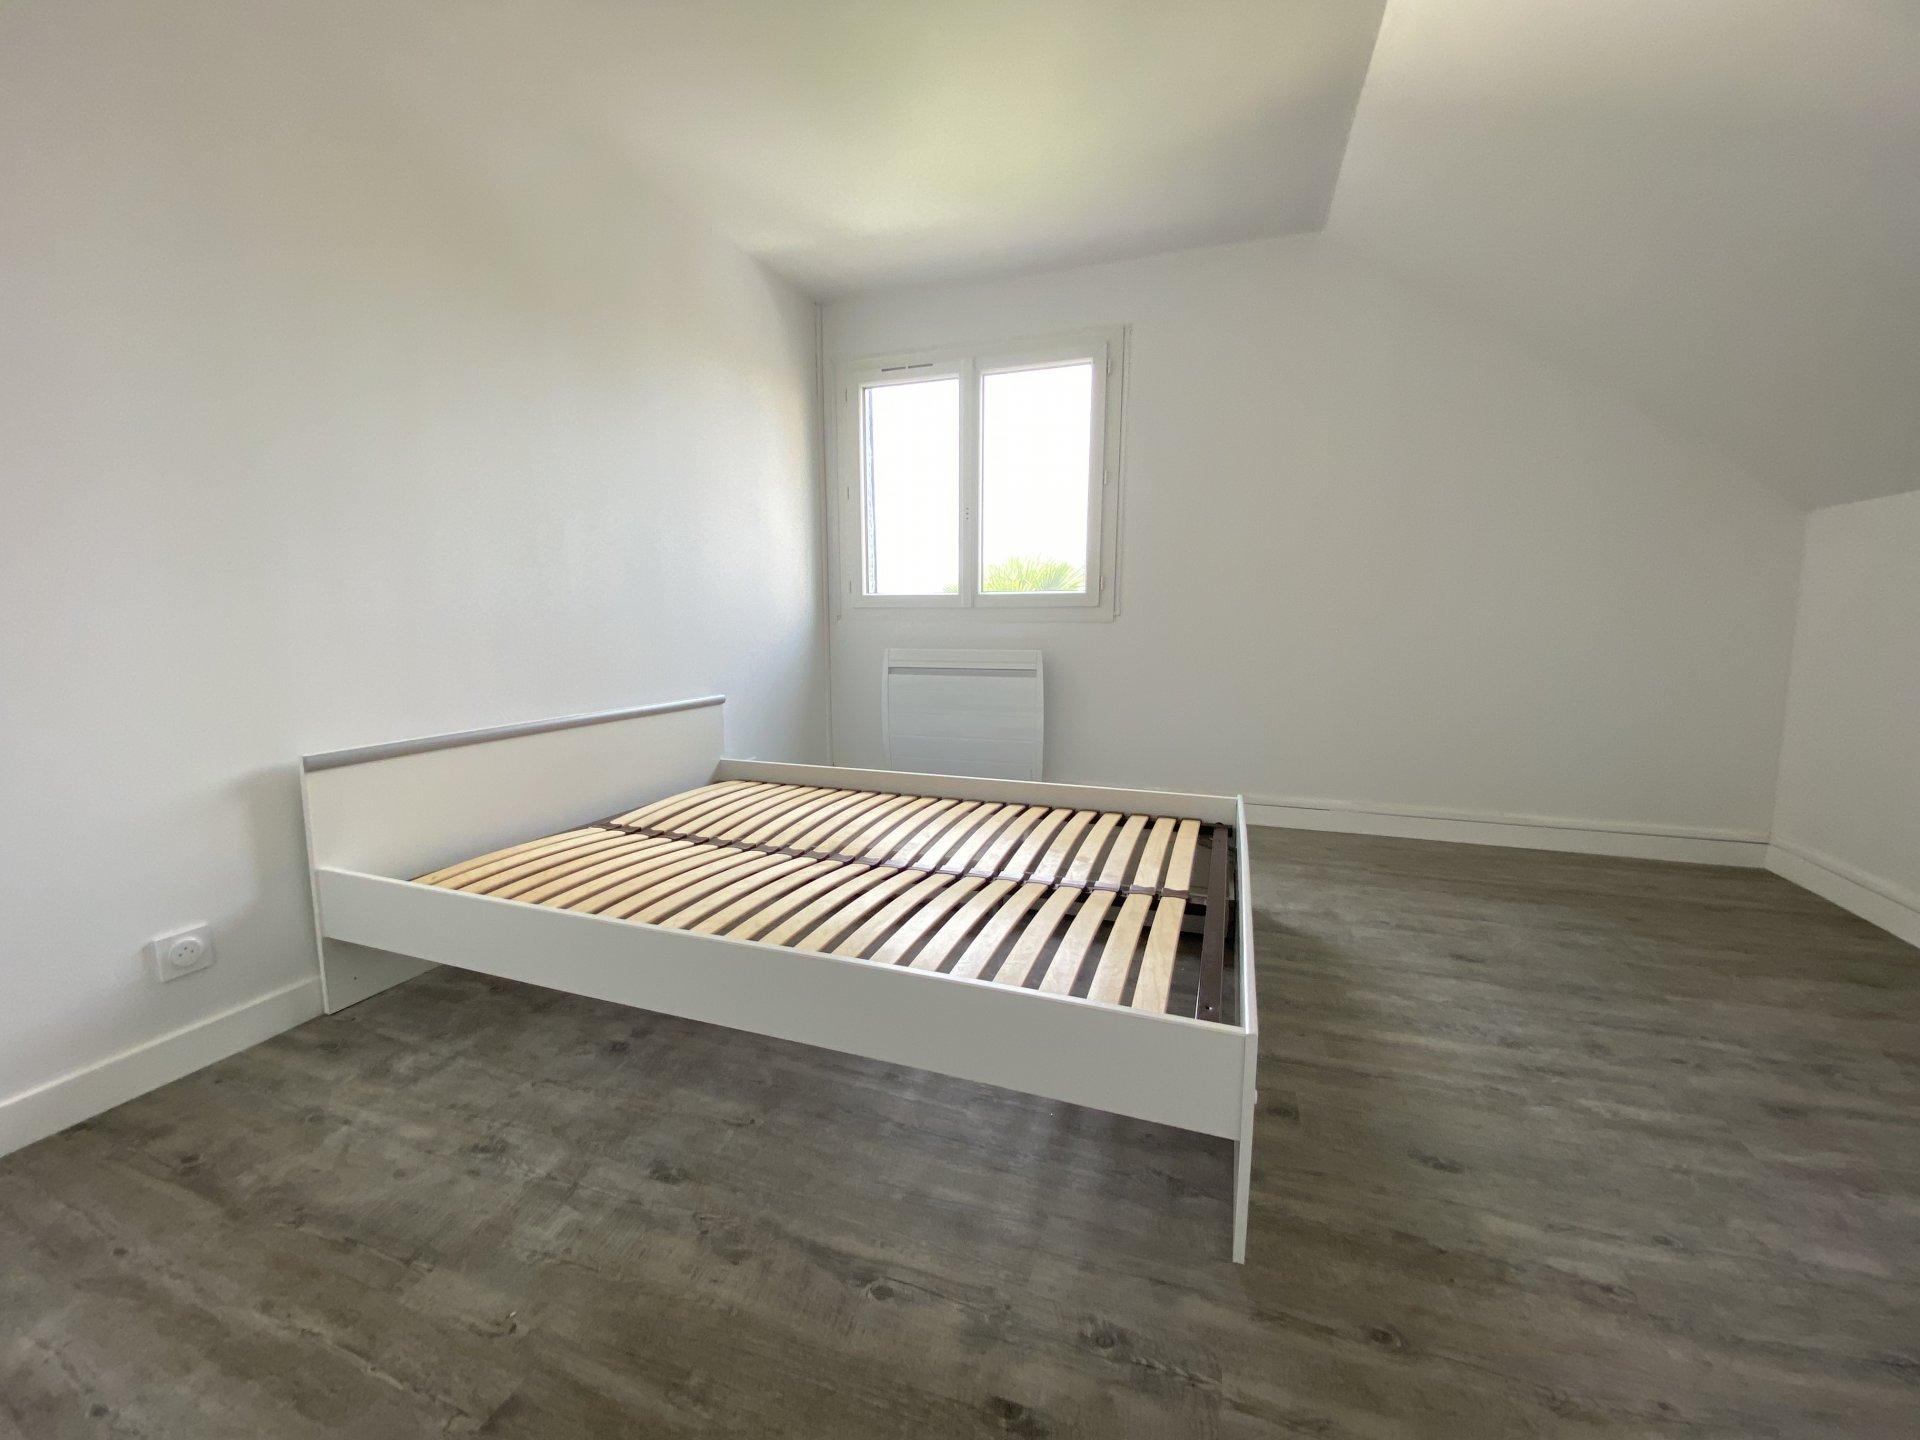 Maison en colocation - 6 Chambres